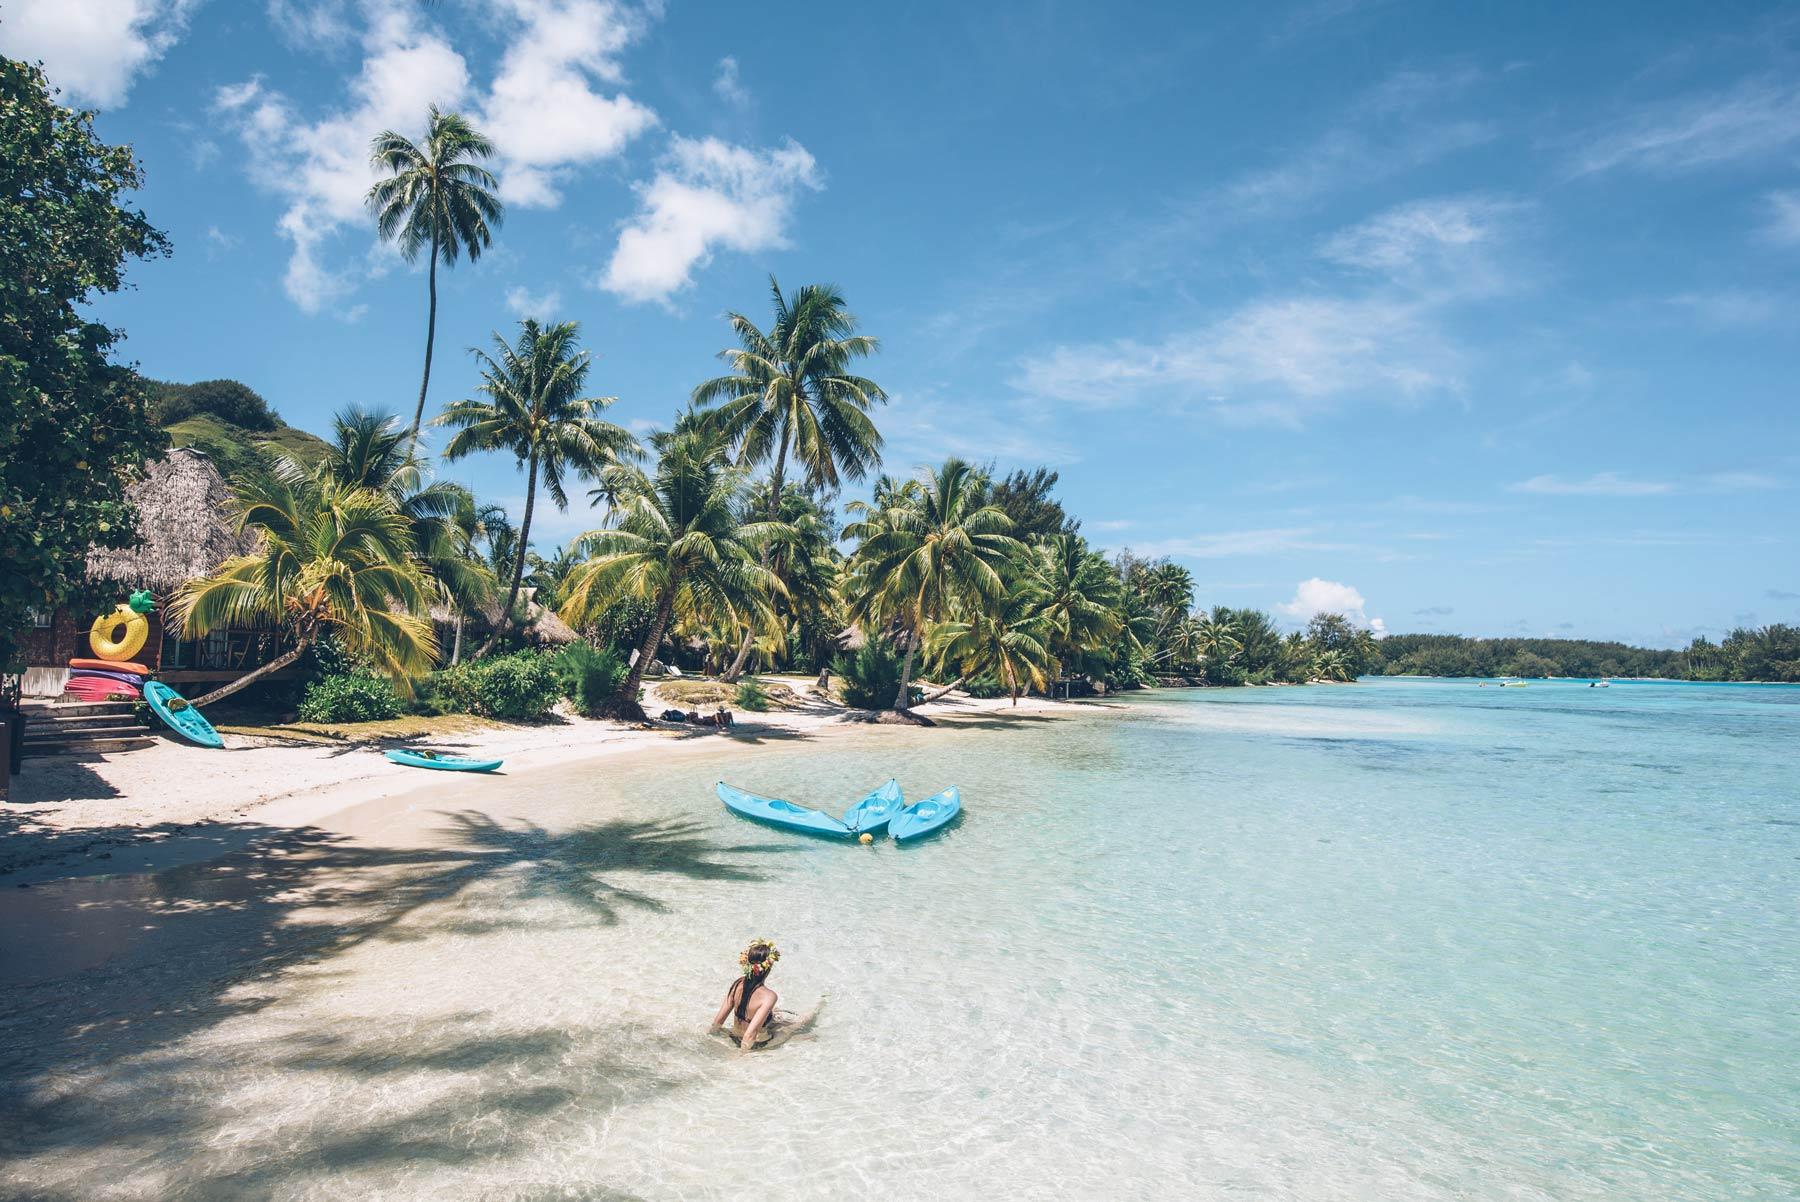 plage du tipanier, Moorea, Polynésie Française